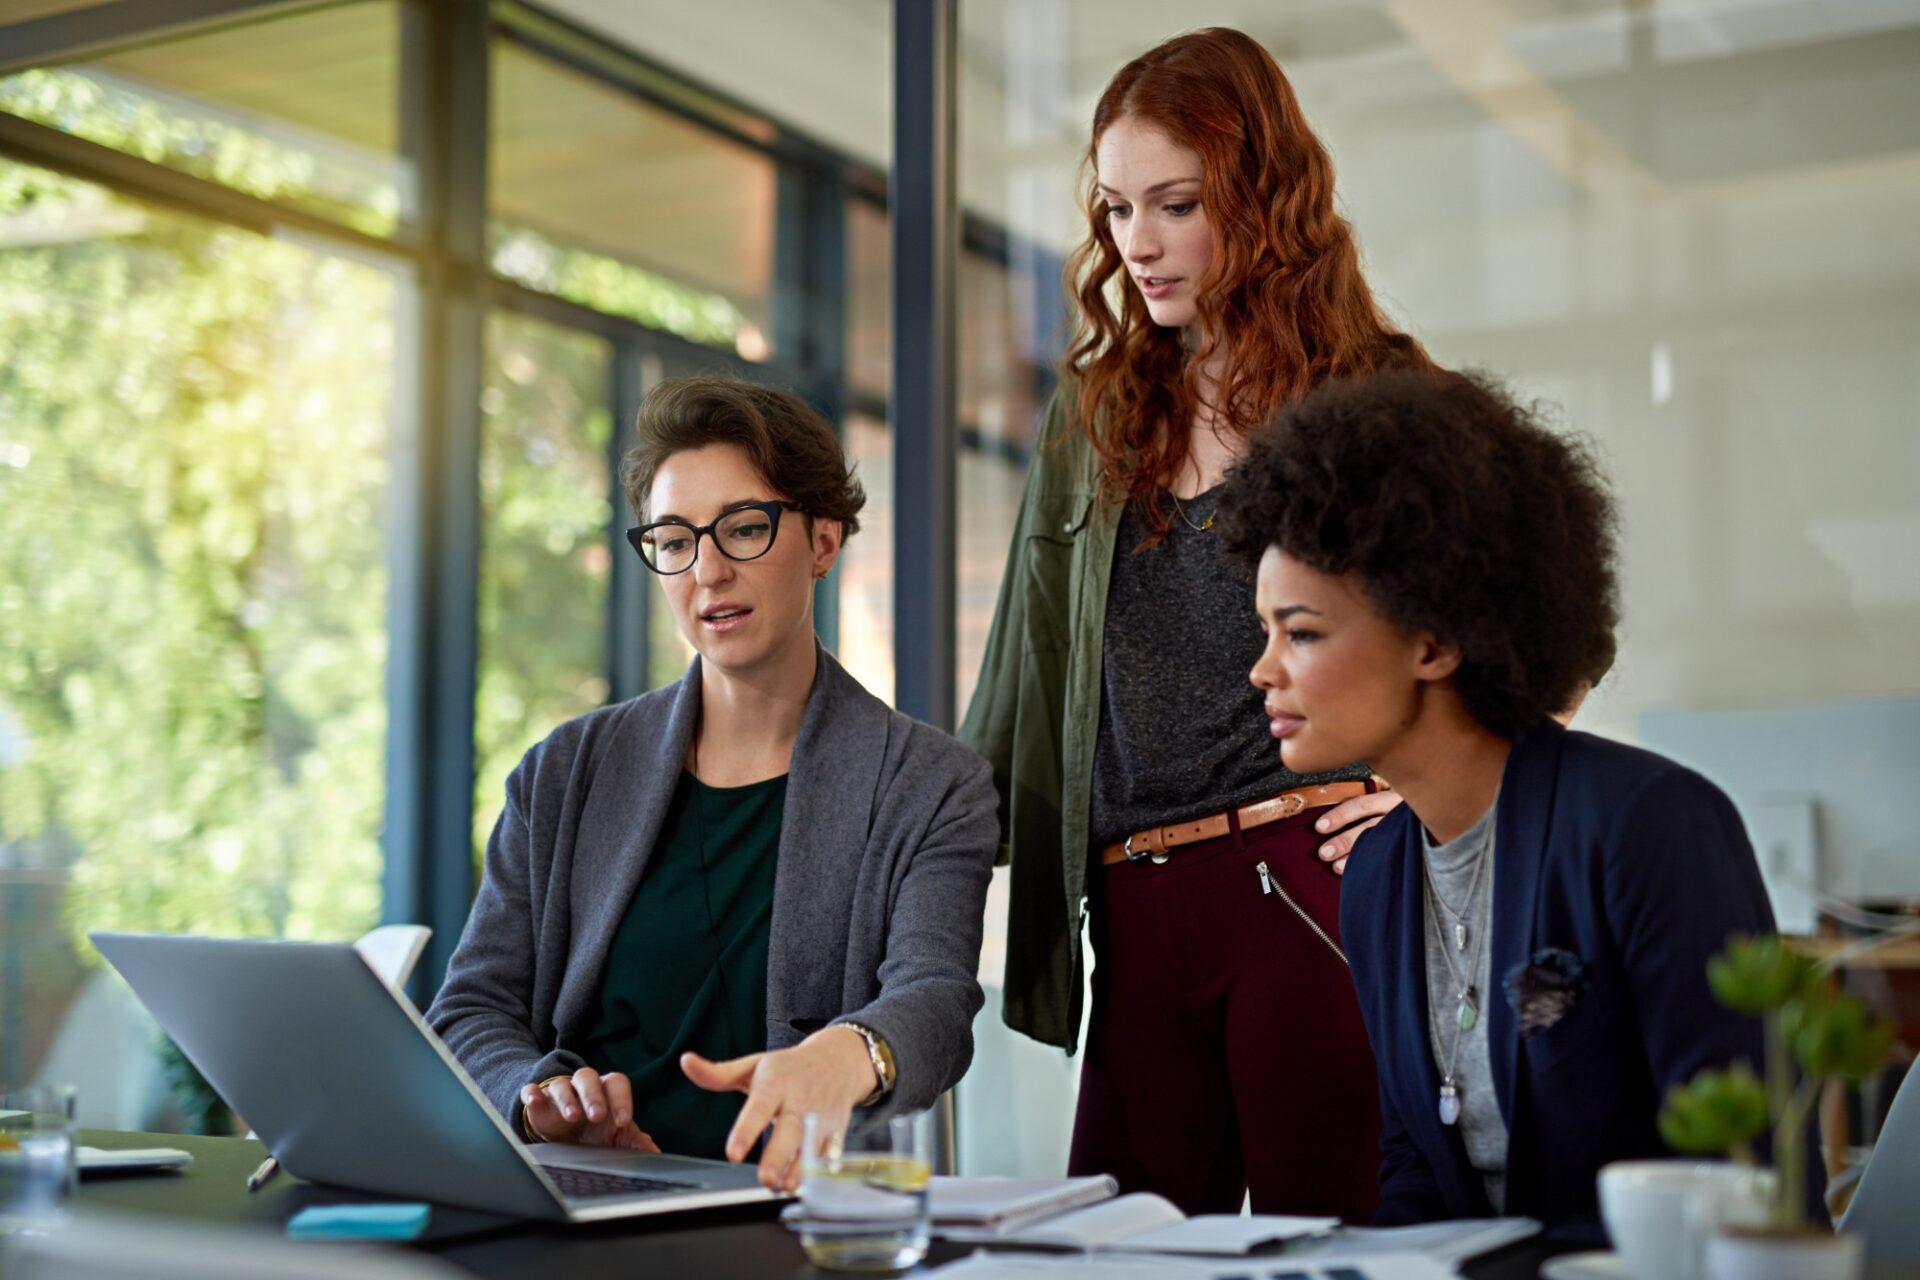 Mulheres olhando para um computador